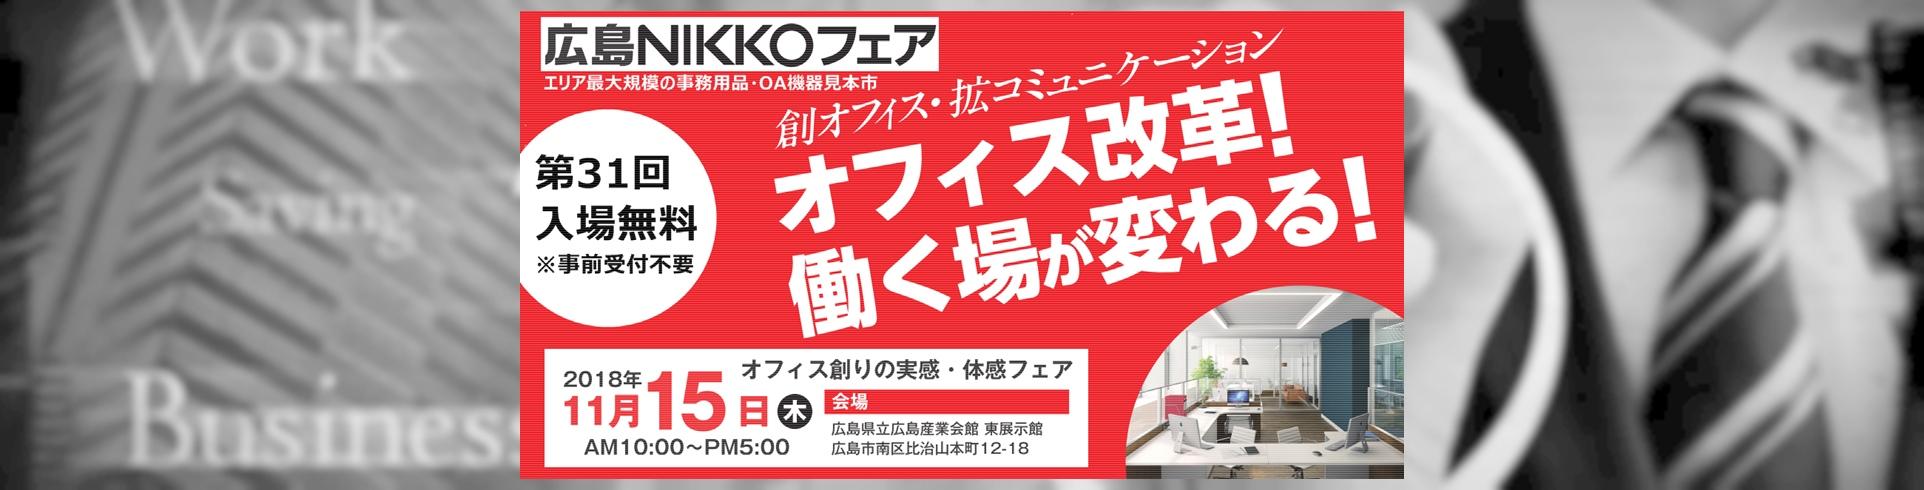 第31回 広島NIKKOフェア